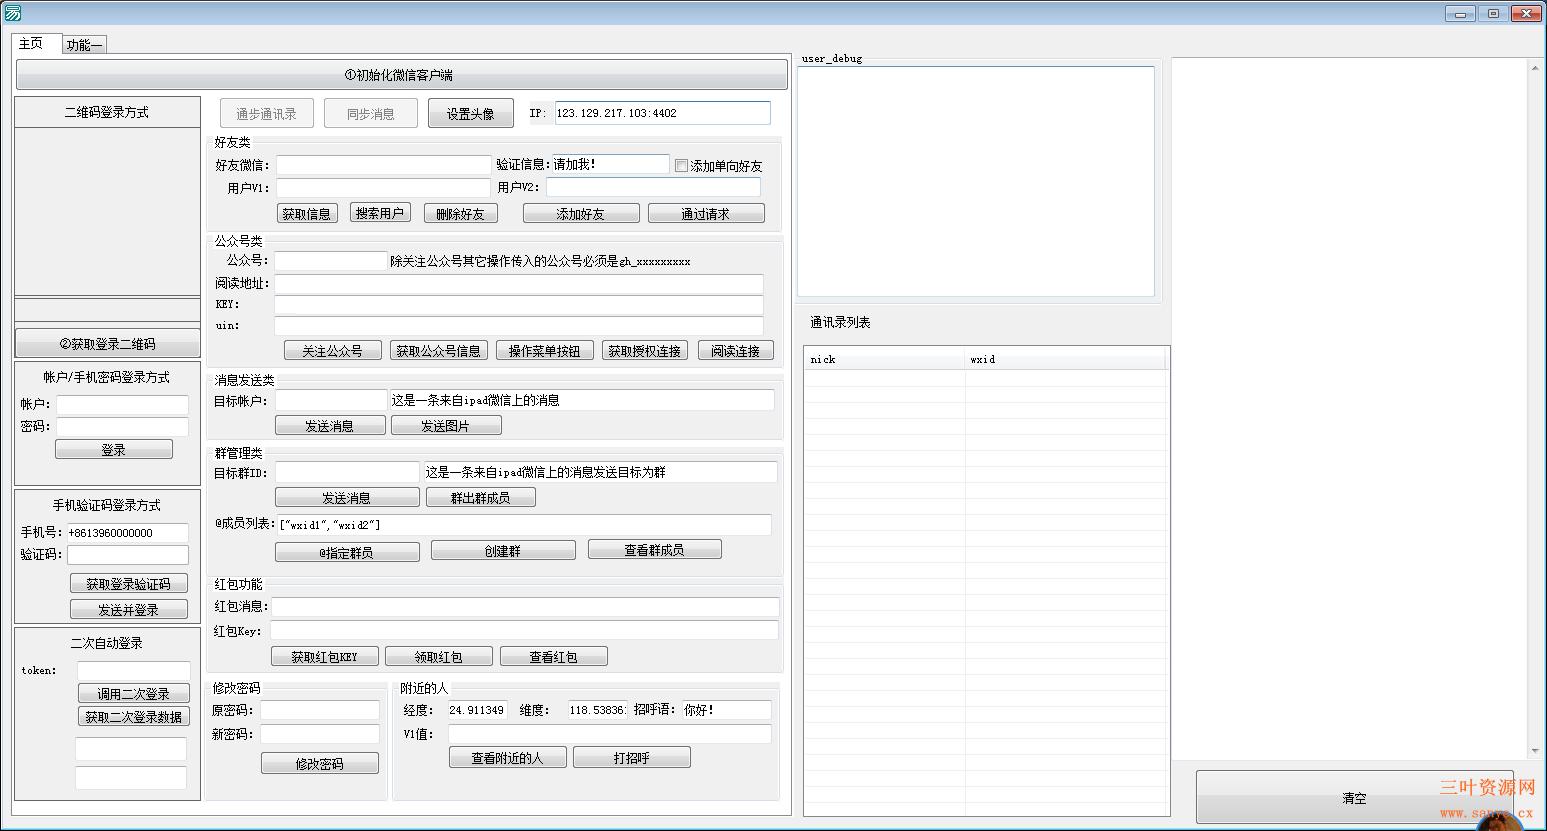 [易语言]微信ipad最新协议9.02源码